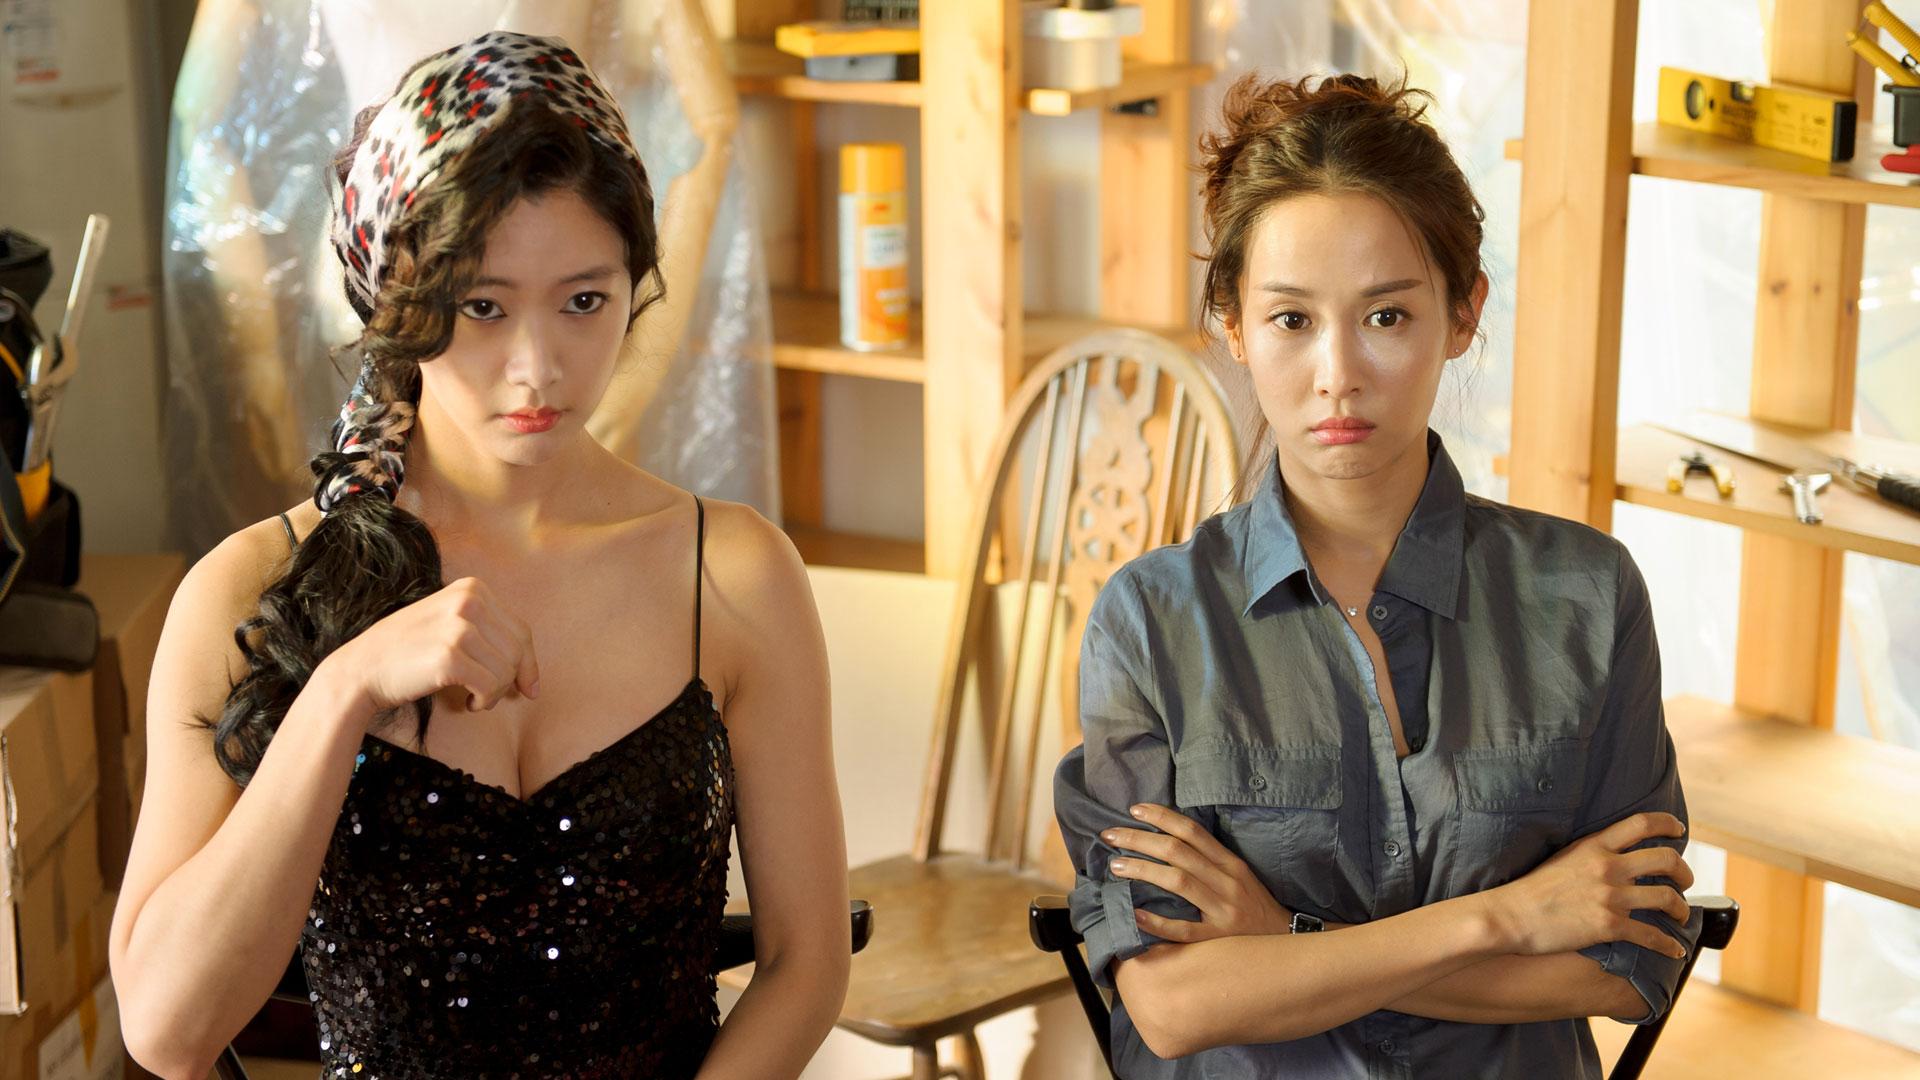 Casa Amor: Exclusive for Ladies - AsianCrush